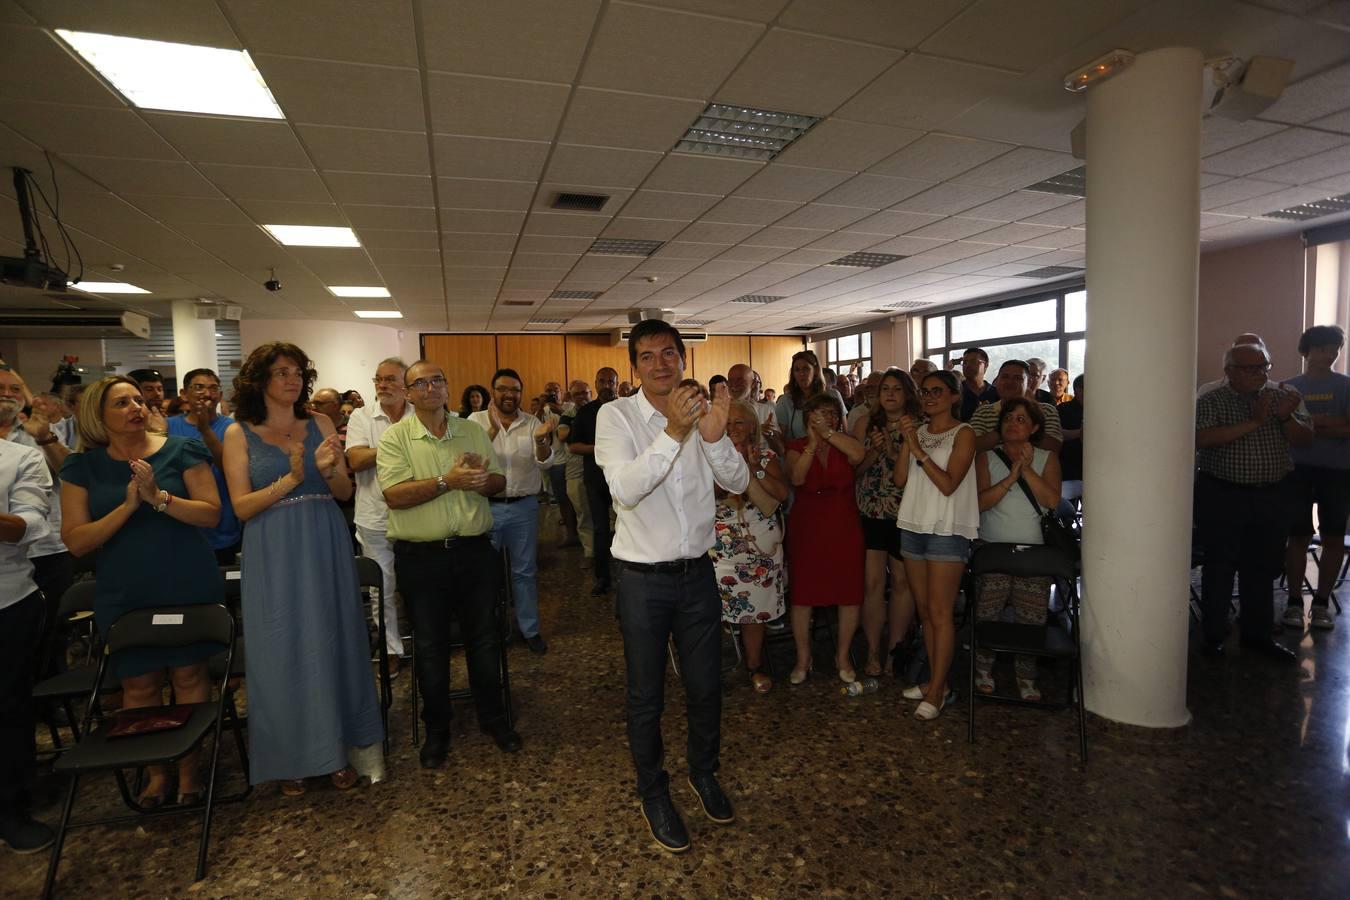 Fotos del alcalde de Burjassot, Rafael García, presentando su candidatura a secretario general del PSPV-PSOE